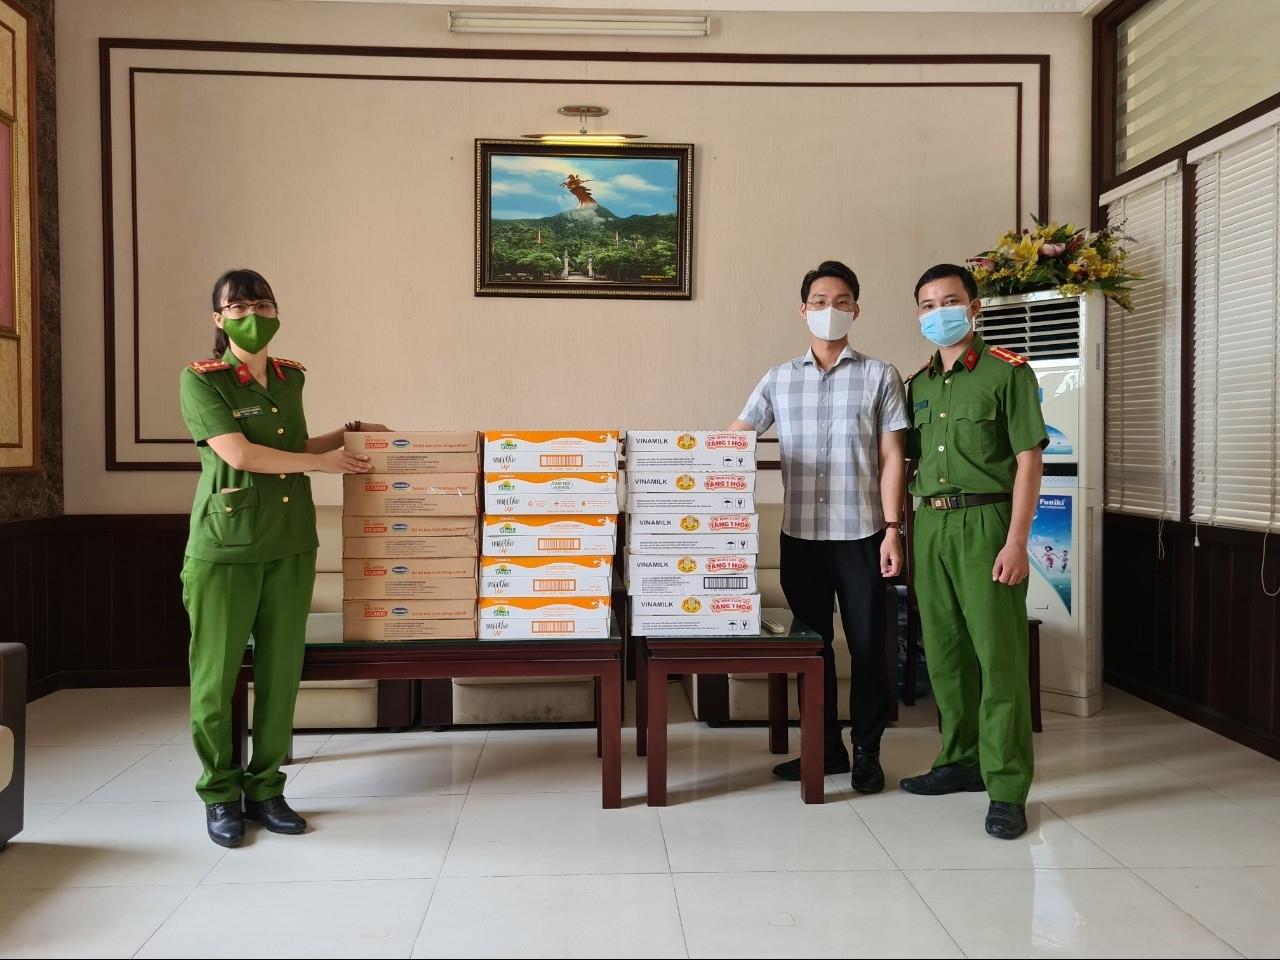 Tạp chí Năng lượng Mới cùng Vinamilk trao quà hỗ trợ Công an quận Thanh Xuân, UBND phường Dịch Vọng Hậu